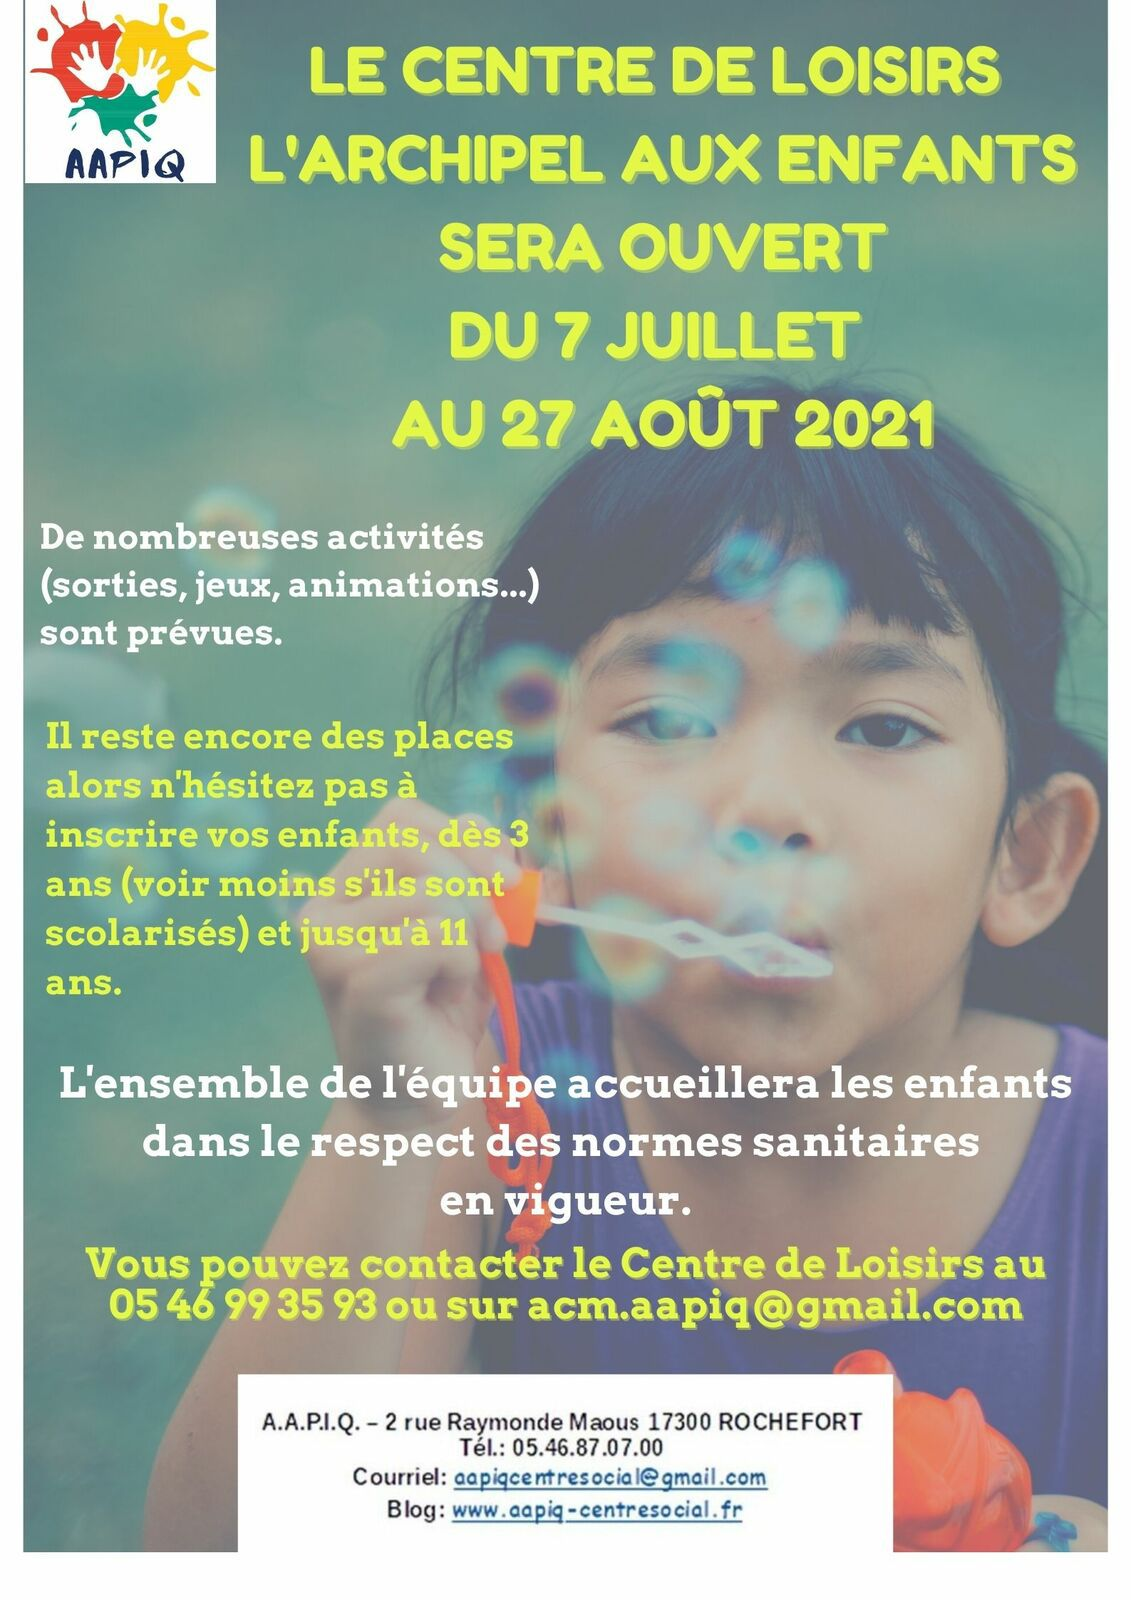 CENTRE DE LOISIRS - OUVERTURE ÉTÉ 2021